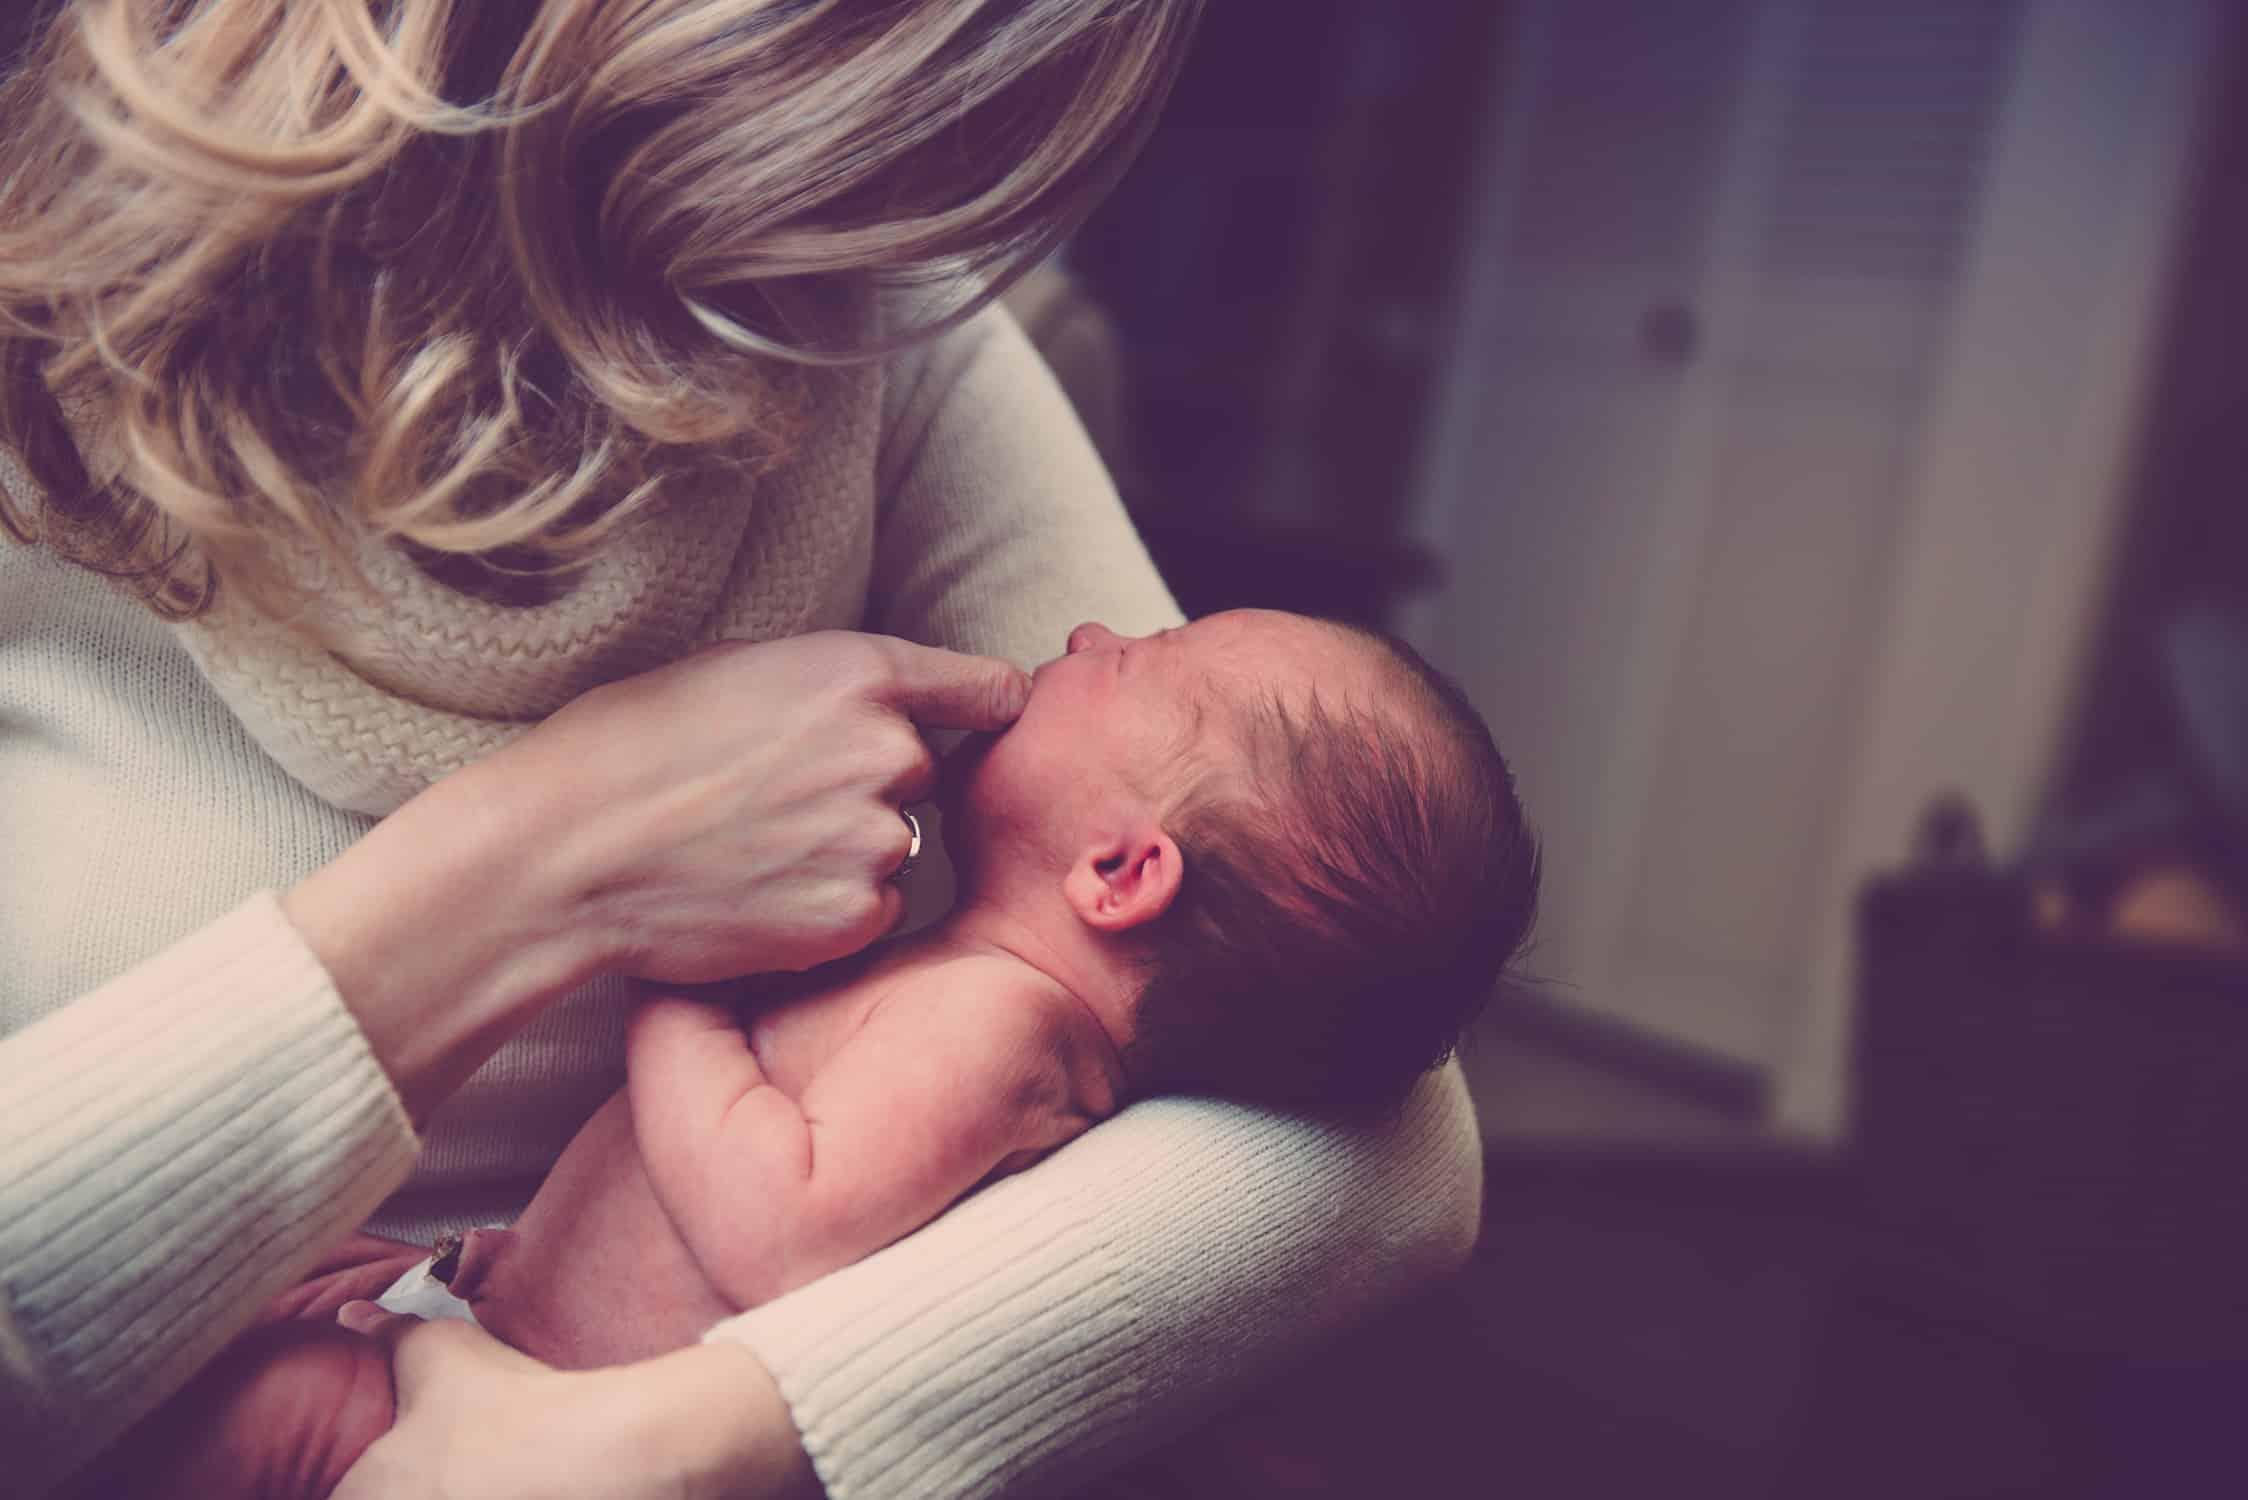 החזר מס ליולדת בעבור תשלום דמי לידה